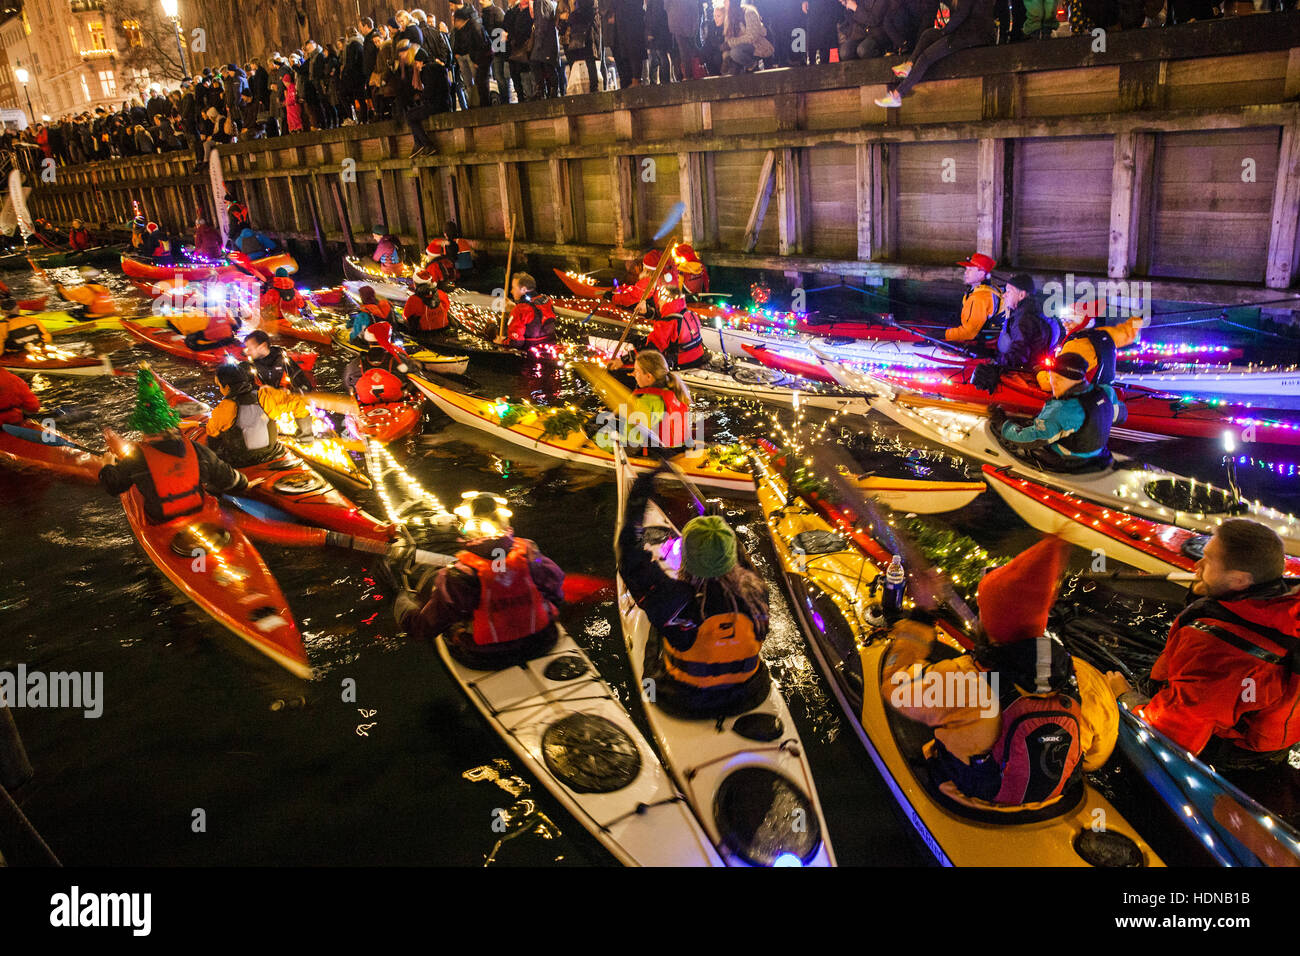 Kopenhagen, Dänemark. 13. Dezember 2016. Hunderte von Paddler sind Kajak und feiern auf der jährlichen Stockbild